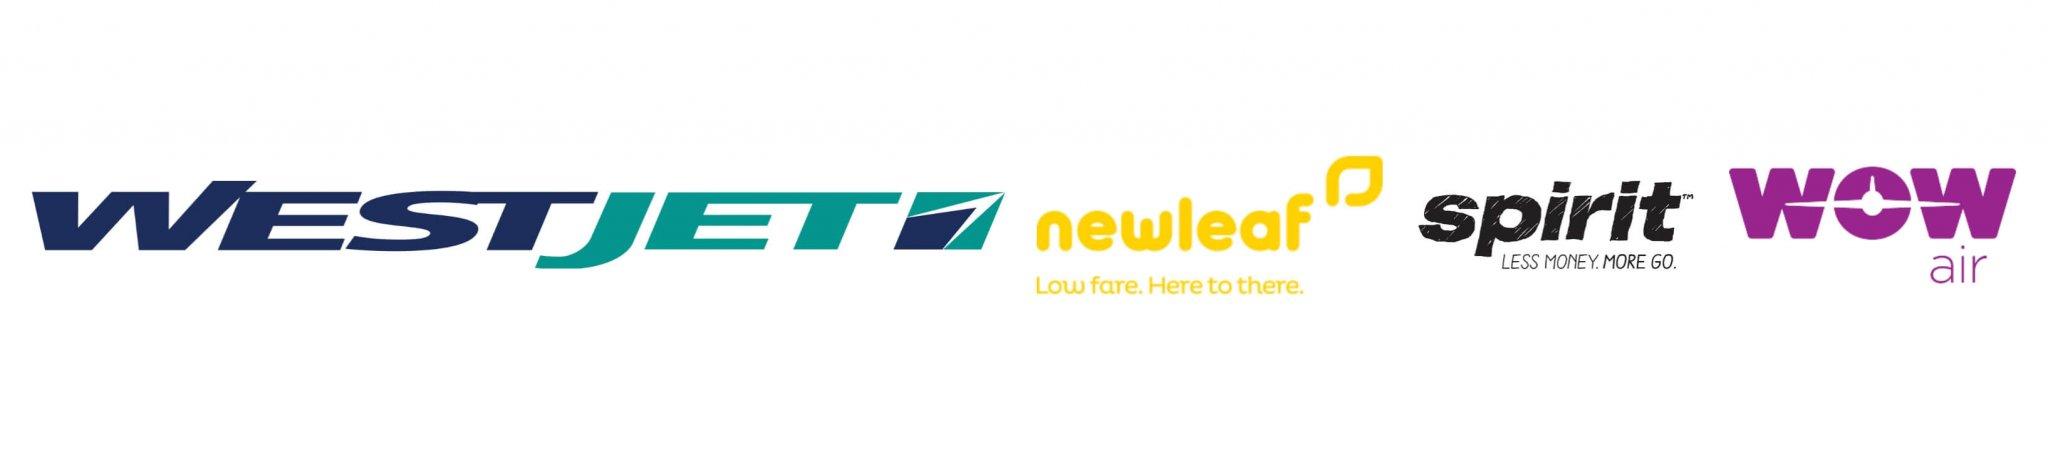 westjet newleaf spirit wow airlines